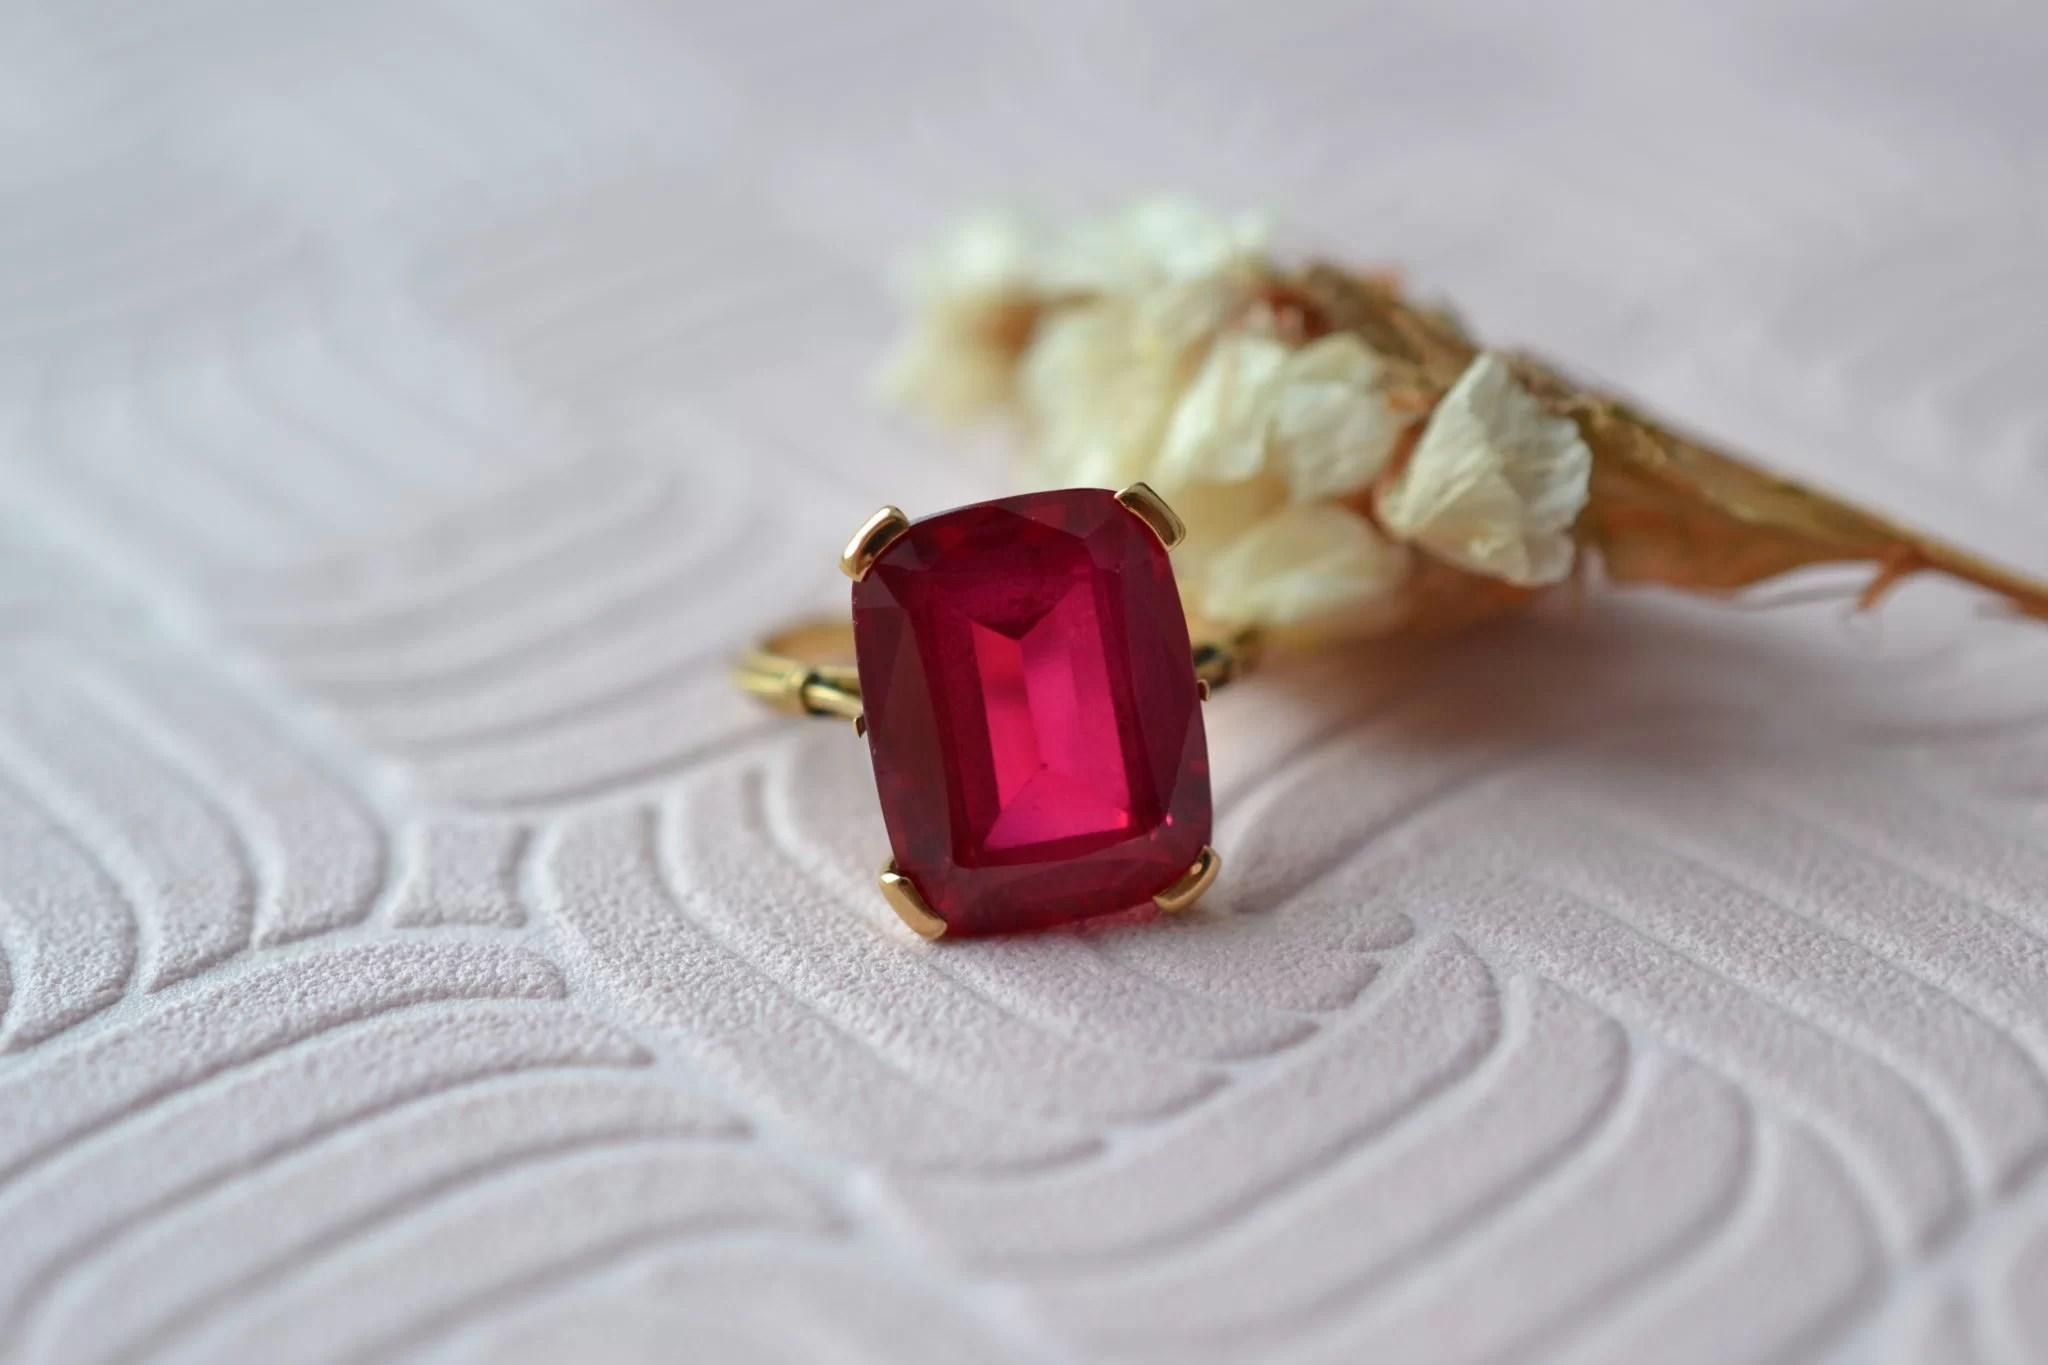 Bague En Or Jaune Sertie D_un Corindon De Synthèse De Couleur Rose _ Rouge - Bague Rétro